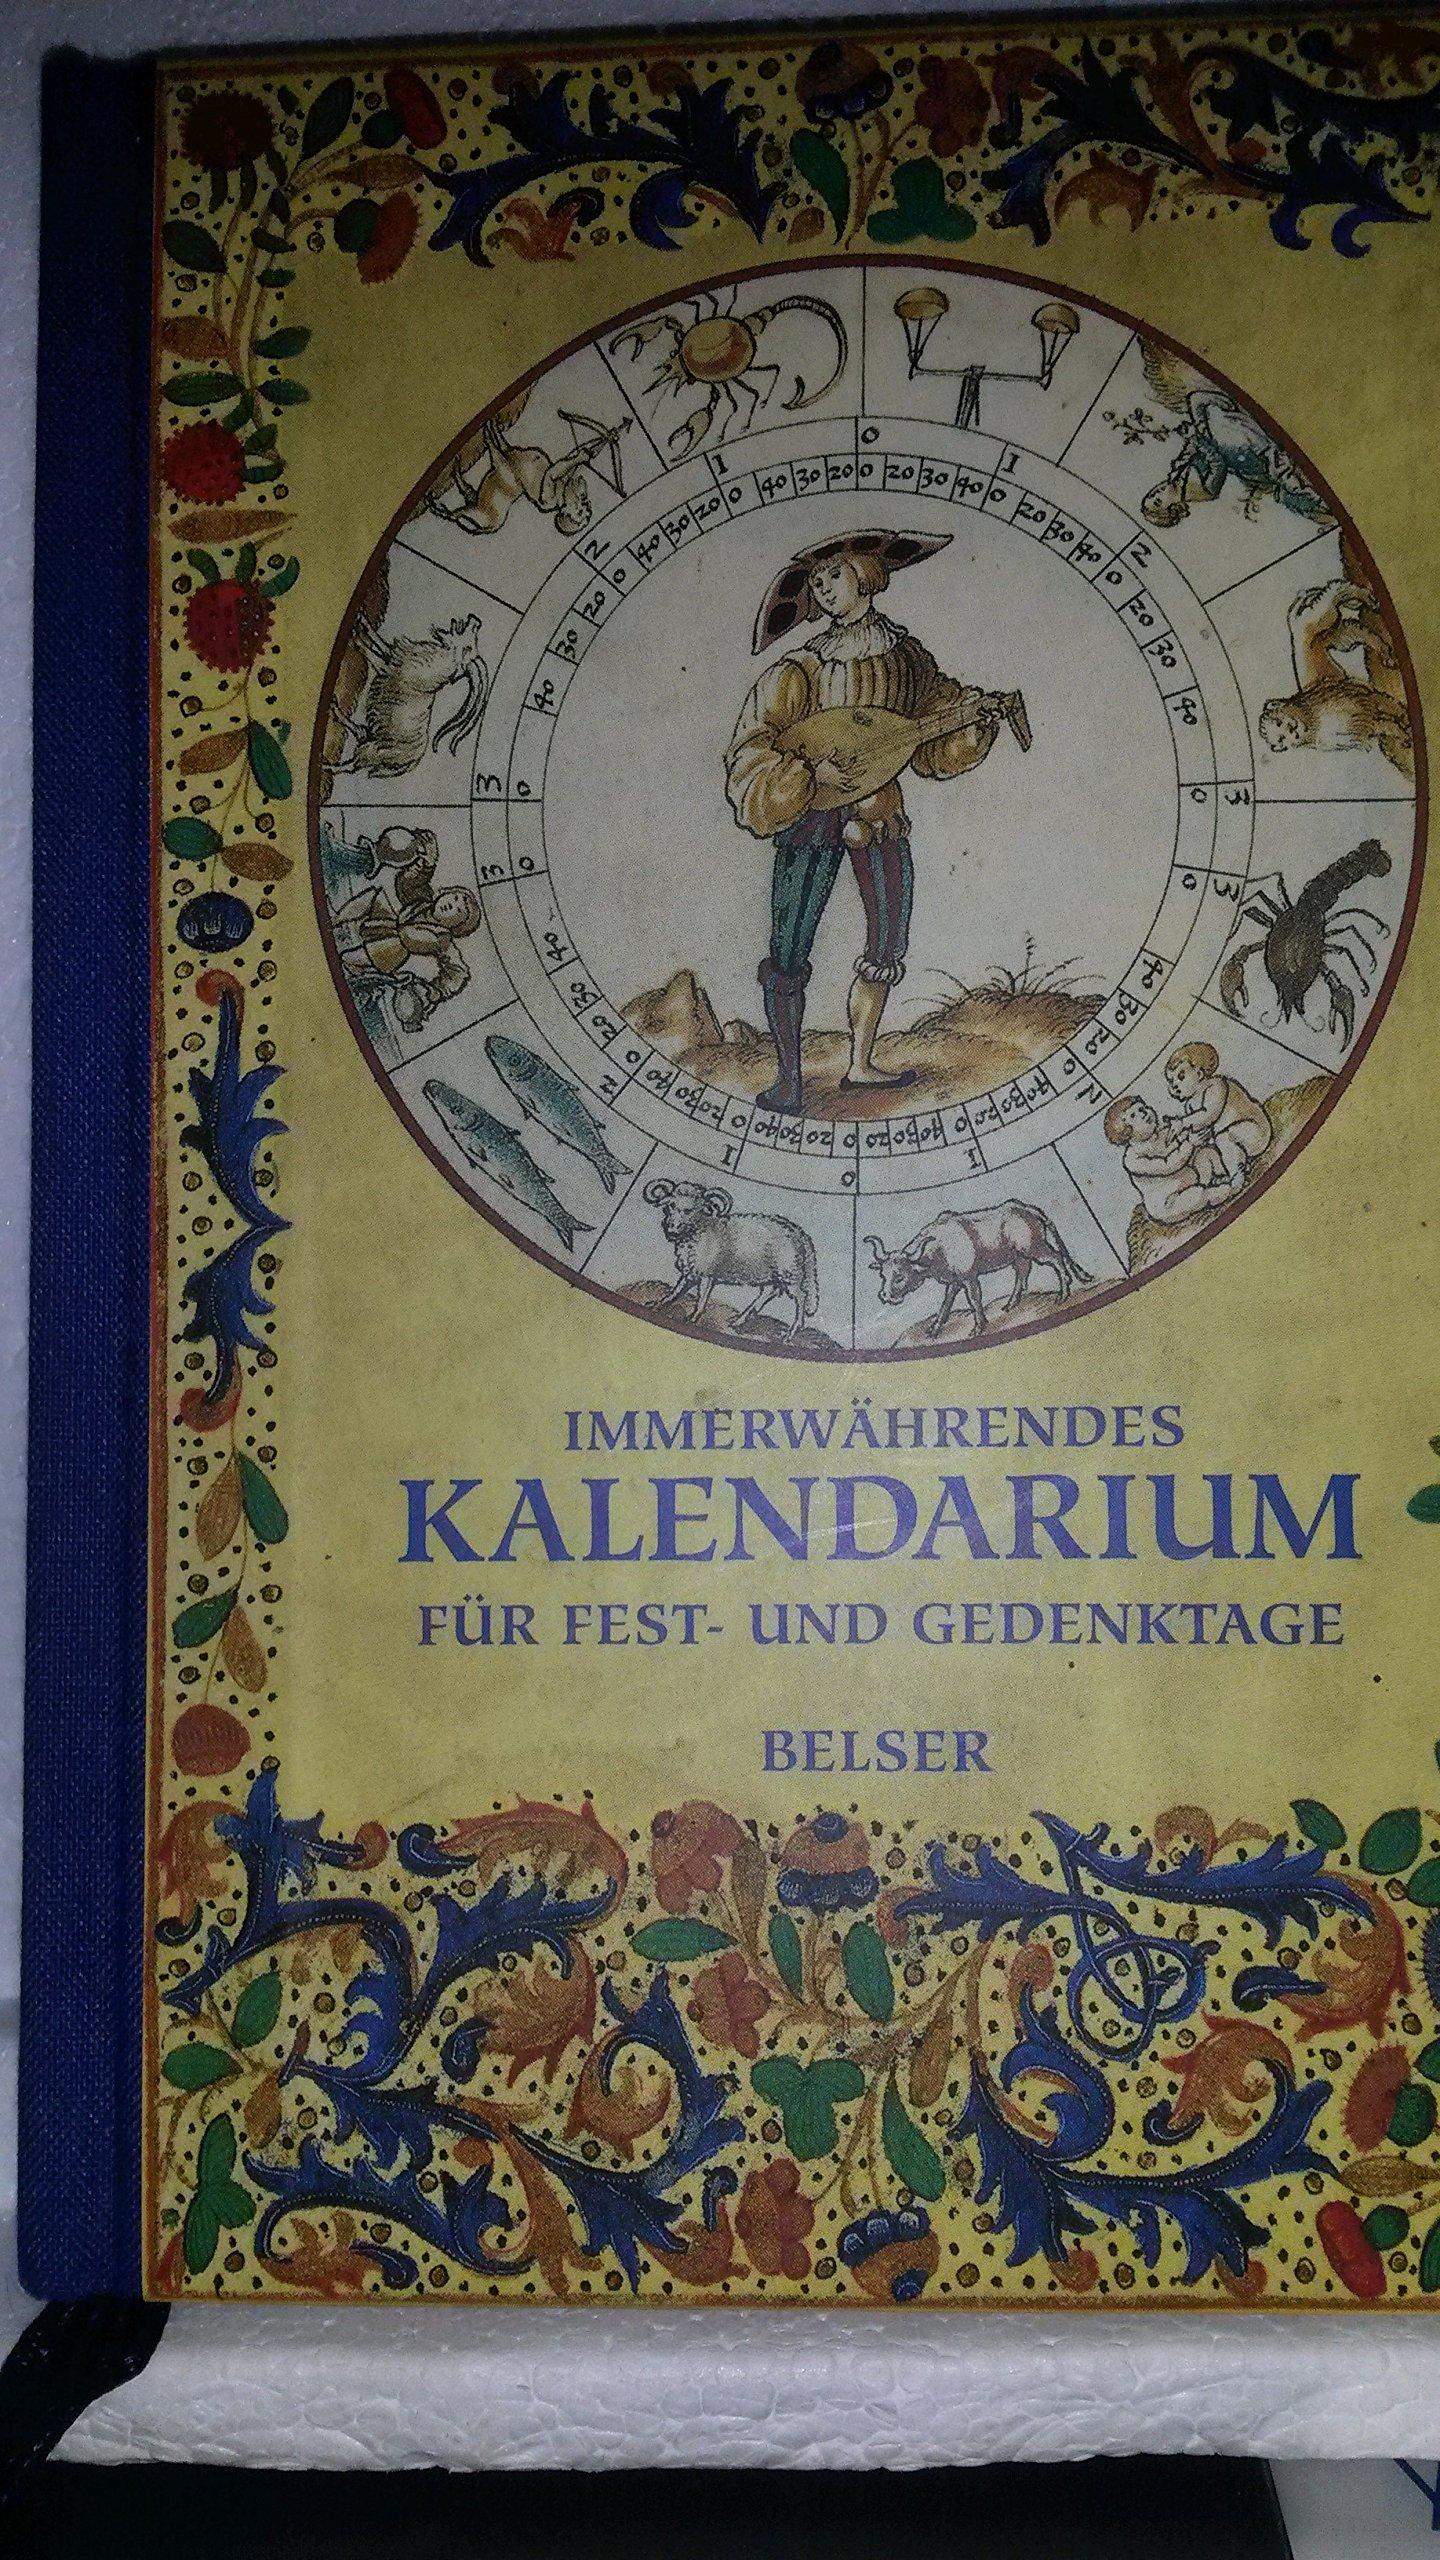 Immerwährendes Kalendarium: Für Fest- und Gedenktage. Mit Bildern aus Prachthandschriften der Biblioteca Apostolica Vaticana